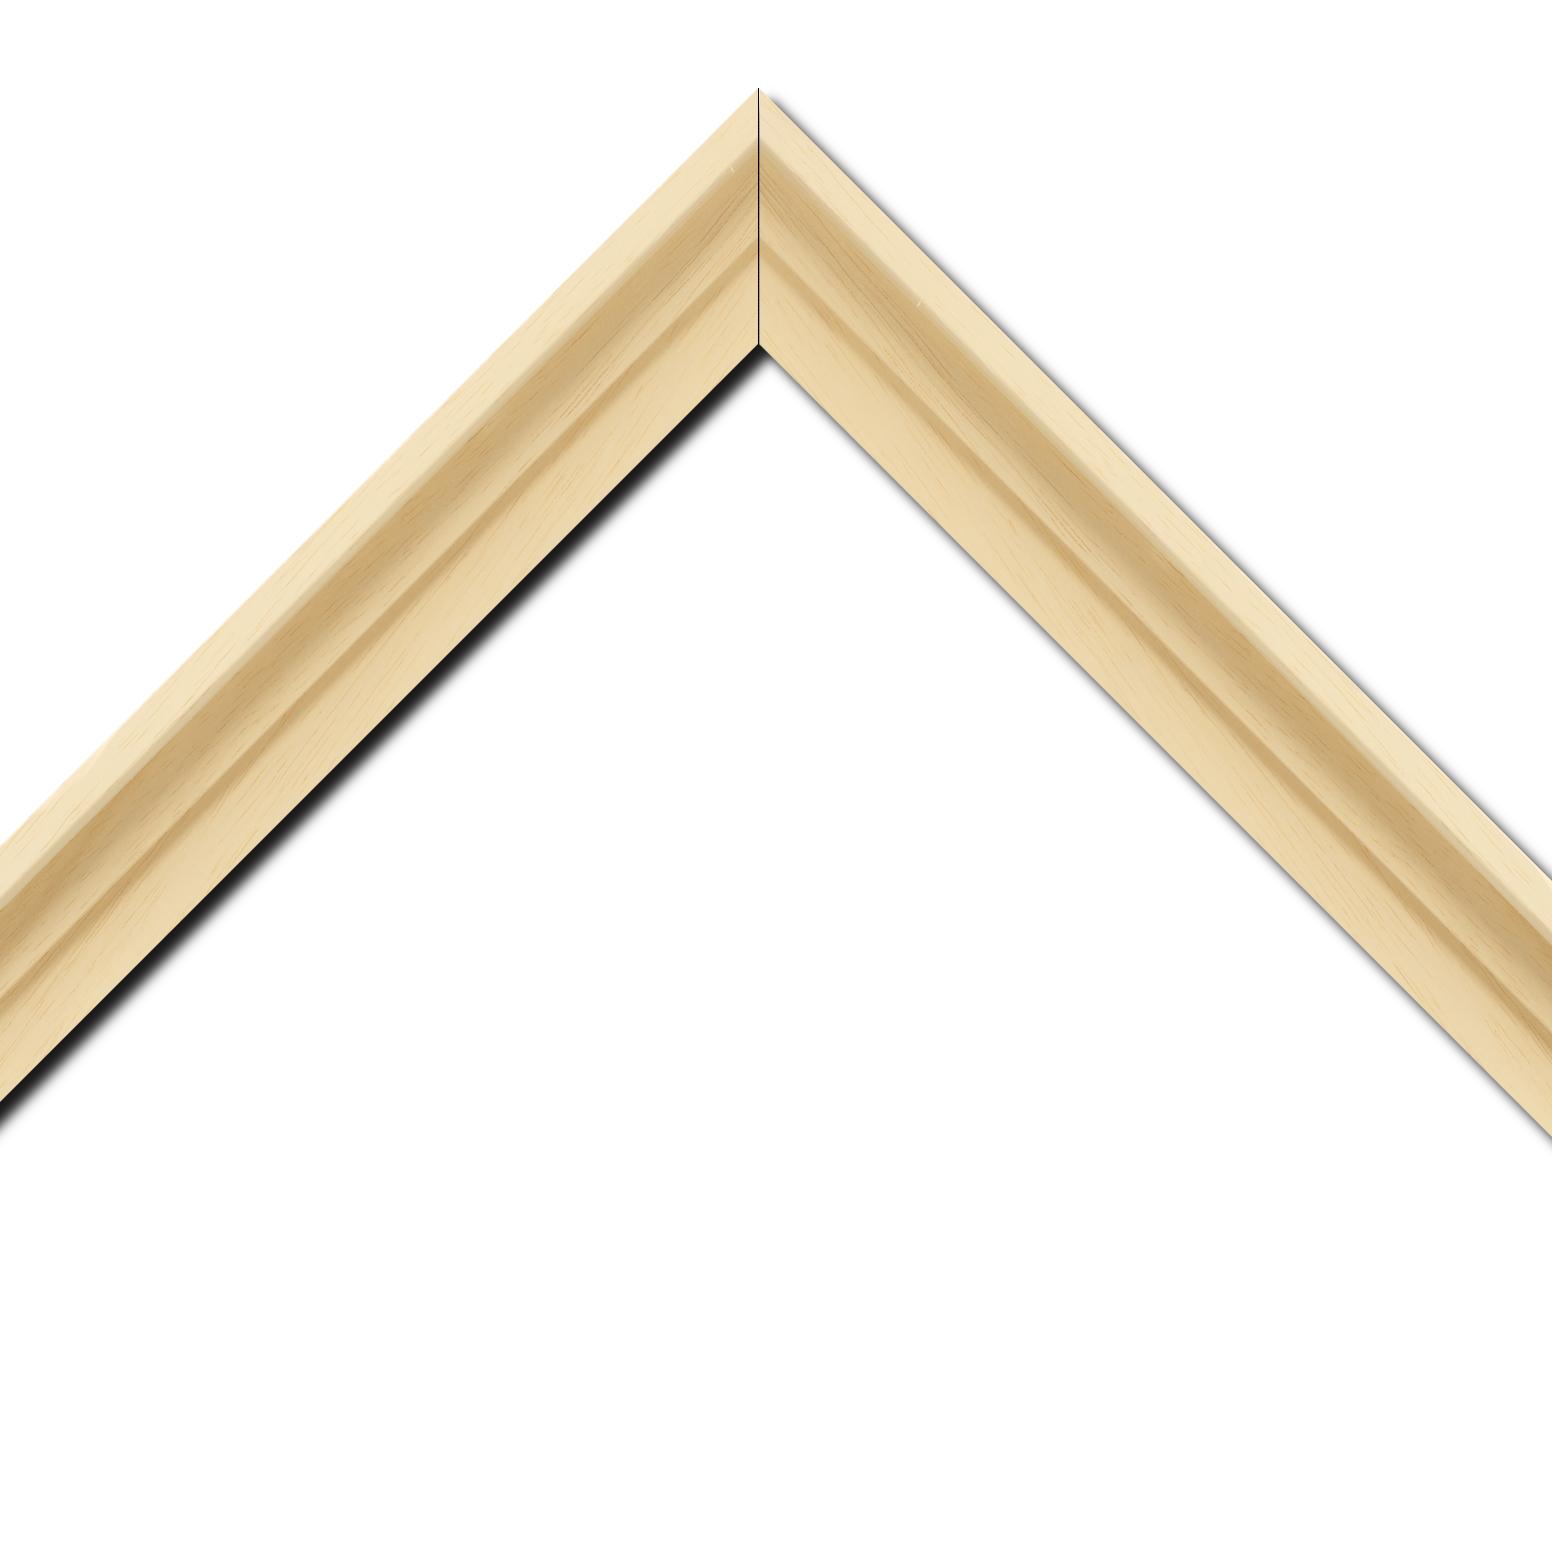 Baguette bois caisse américaine profil escalier largeur 4.4cm naturel (spécialement conçu pour les châssis d'une épaisseur jusqu'à 2.5cm ) sans vernis,peut être peint...